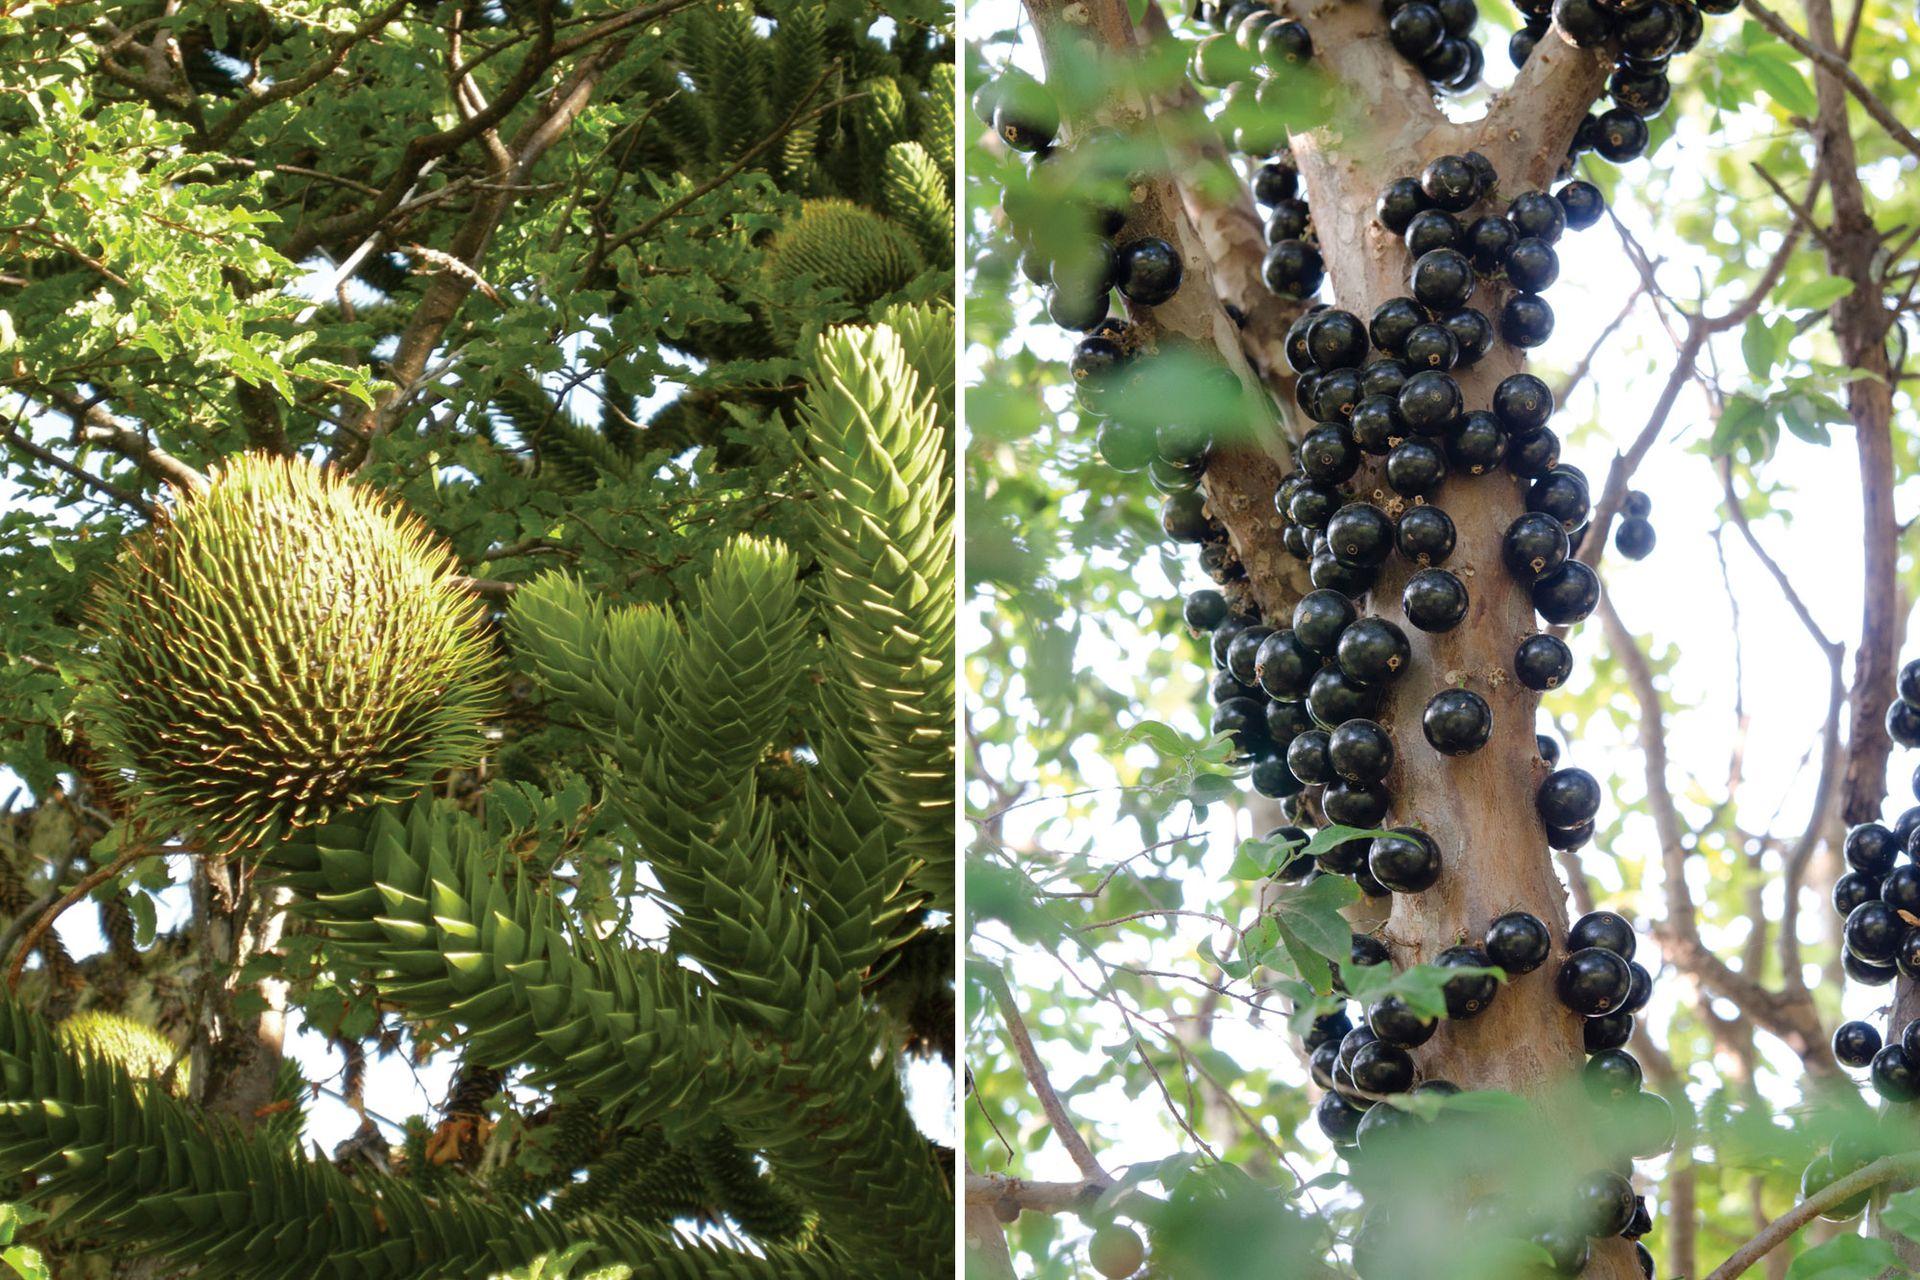 Pehuén (izquierda): su fruto encierra piñones con la que se elabora una sabrosa harina. Jaboticaba (derecha): sus frutos se consumen frescos y contienen muchas propiedades medicinales.